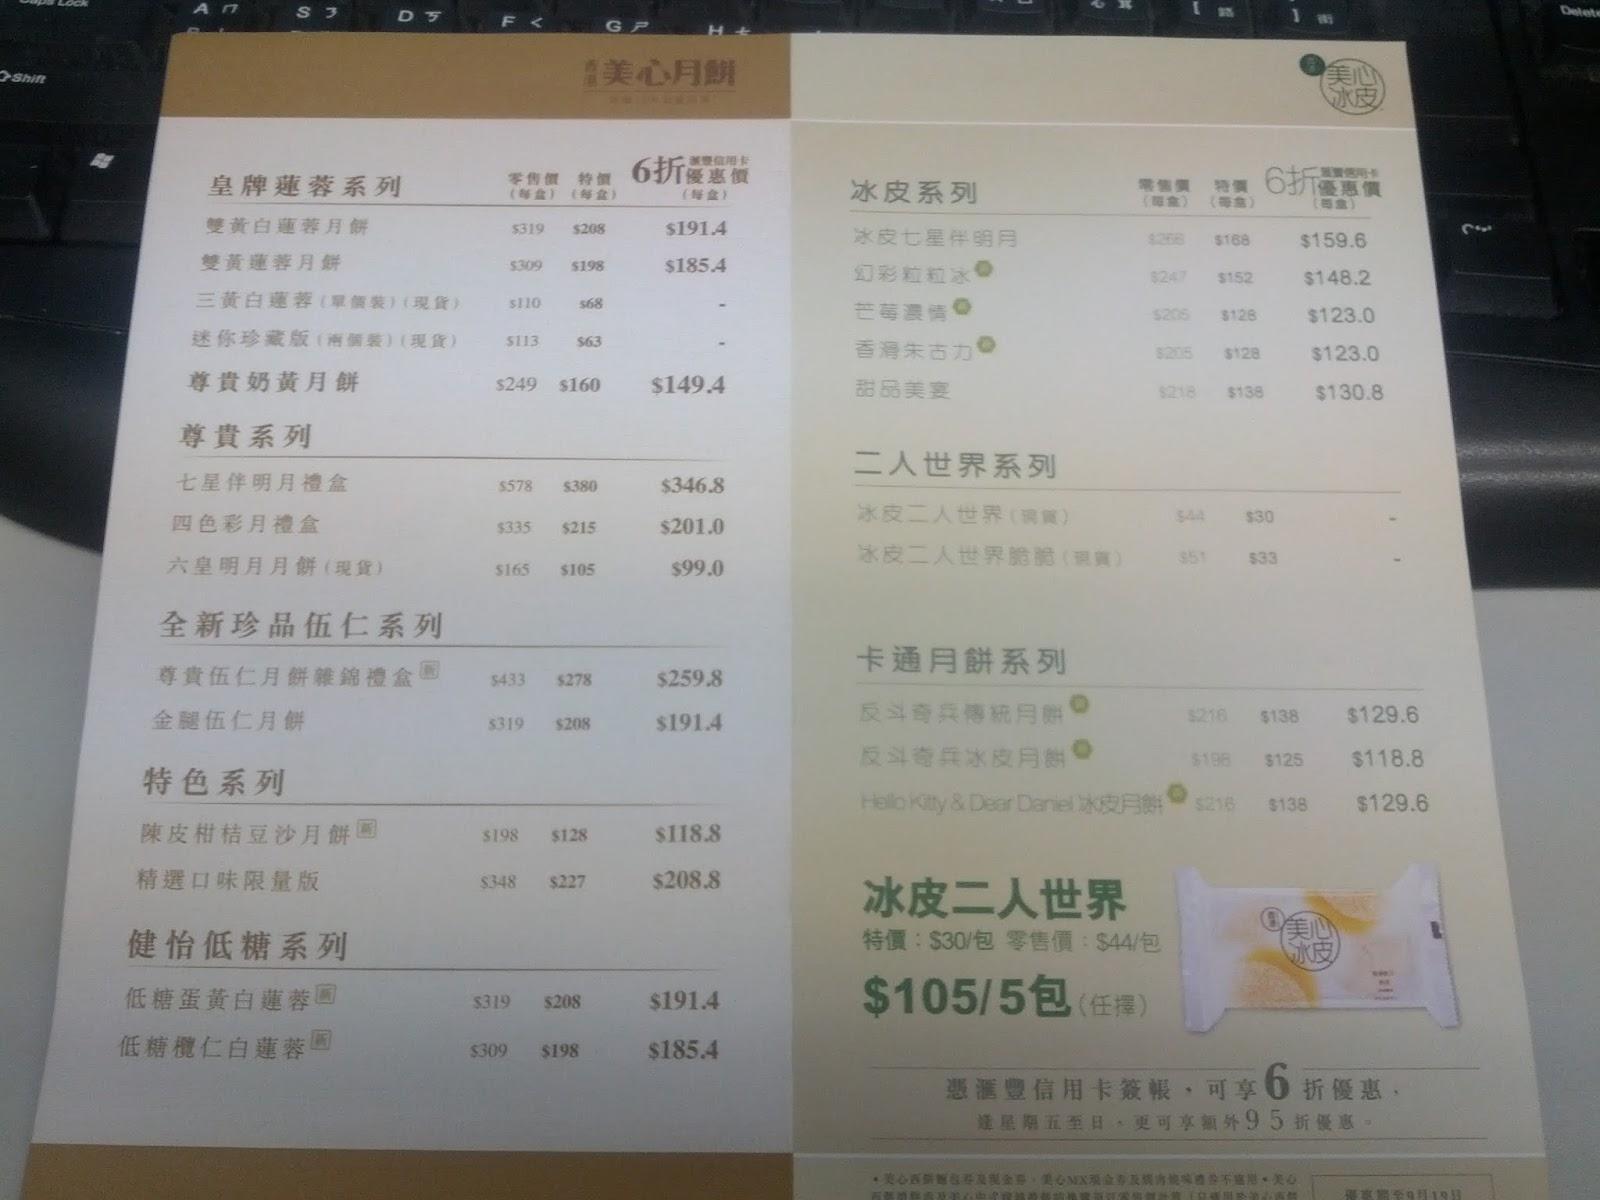 香港中秋月餅 Hong Kong Moon Cake: 美心月餅 2013 9月價錢表